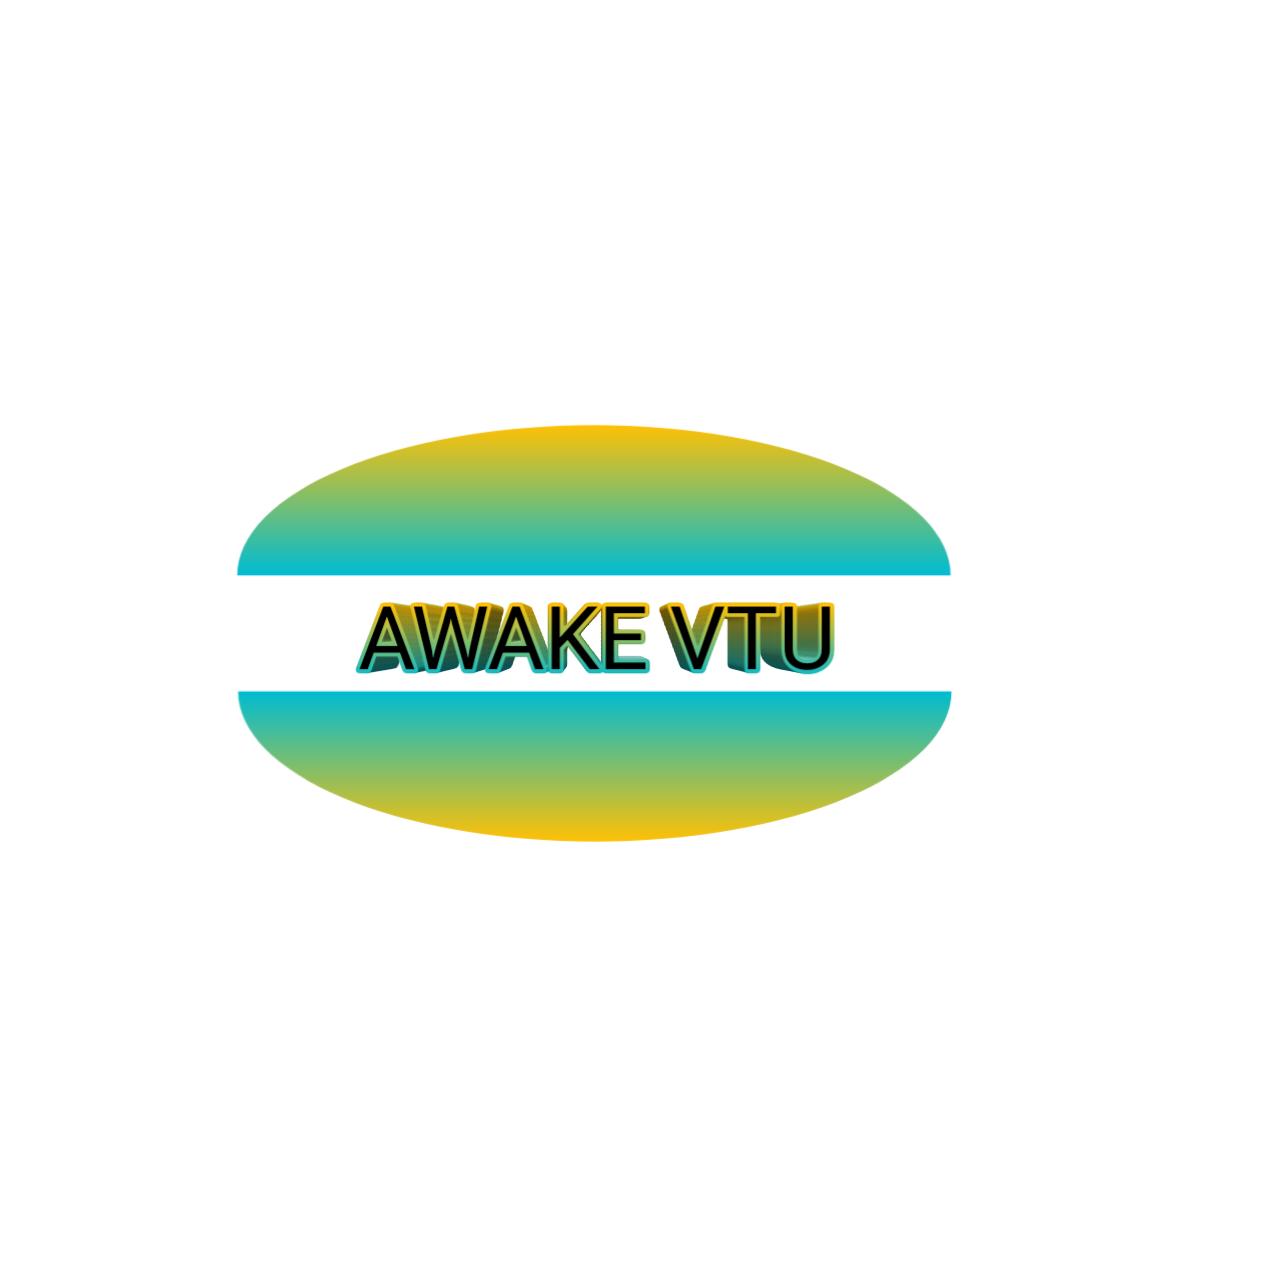 AWAKE VTU